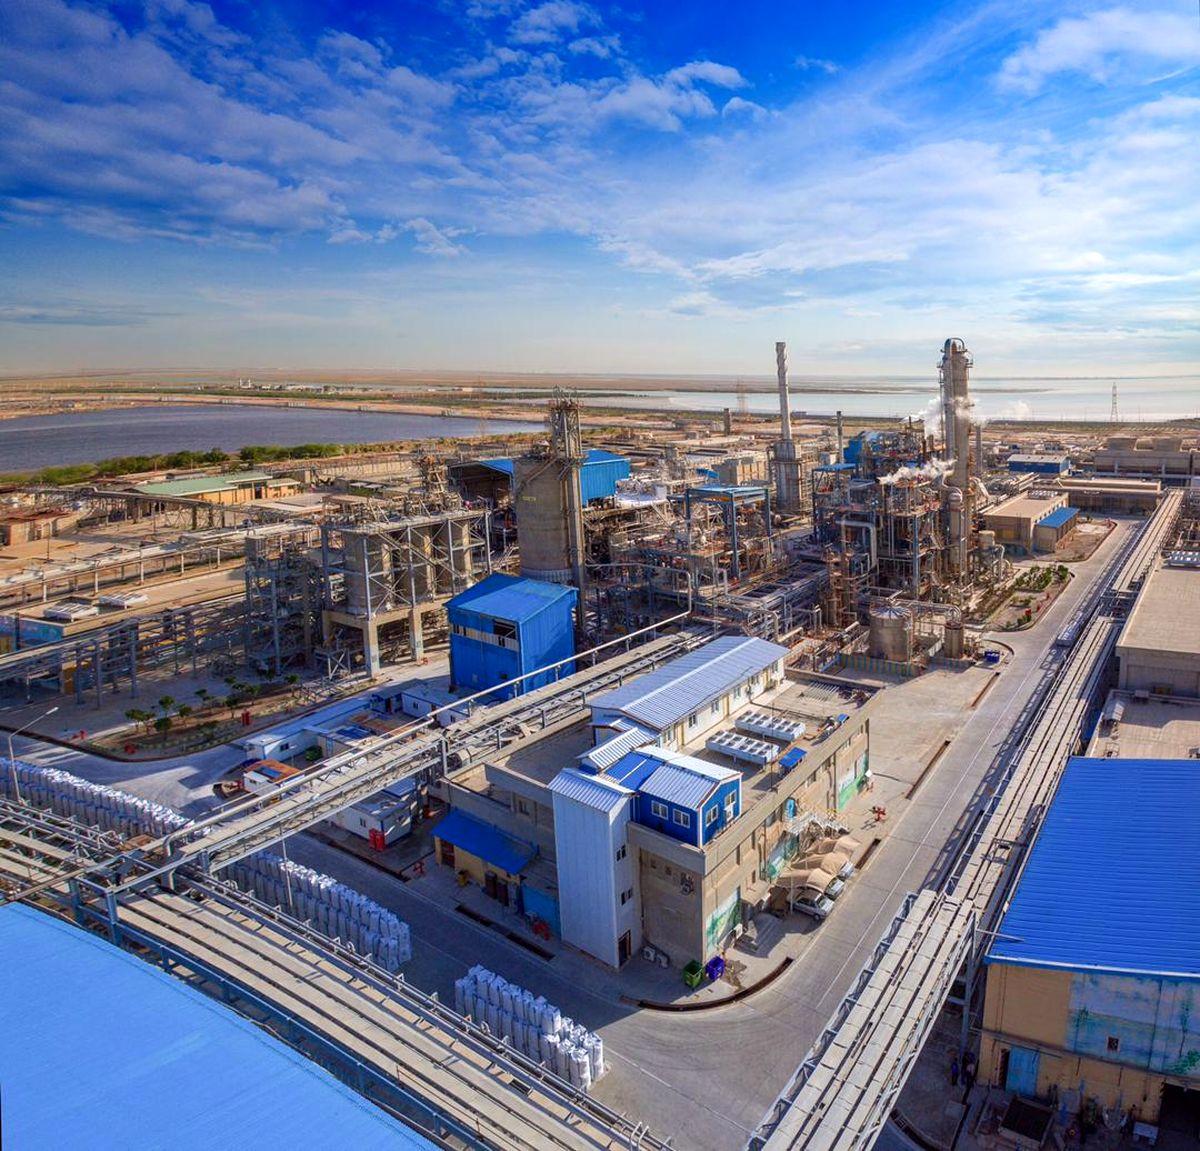 تولید «خرداد» محصولات پلیاتیلن ترفتالات از مرز 106 هزار تن گذشت